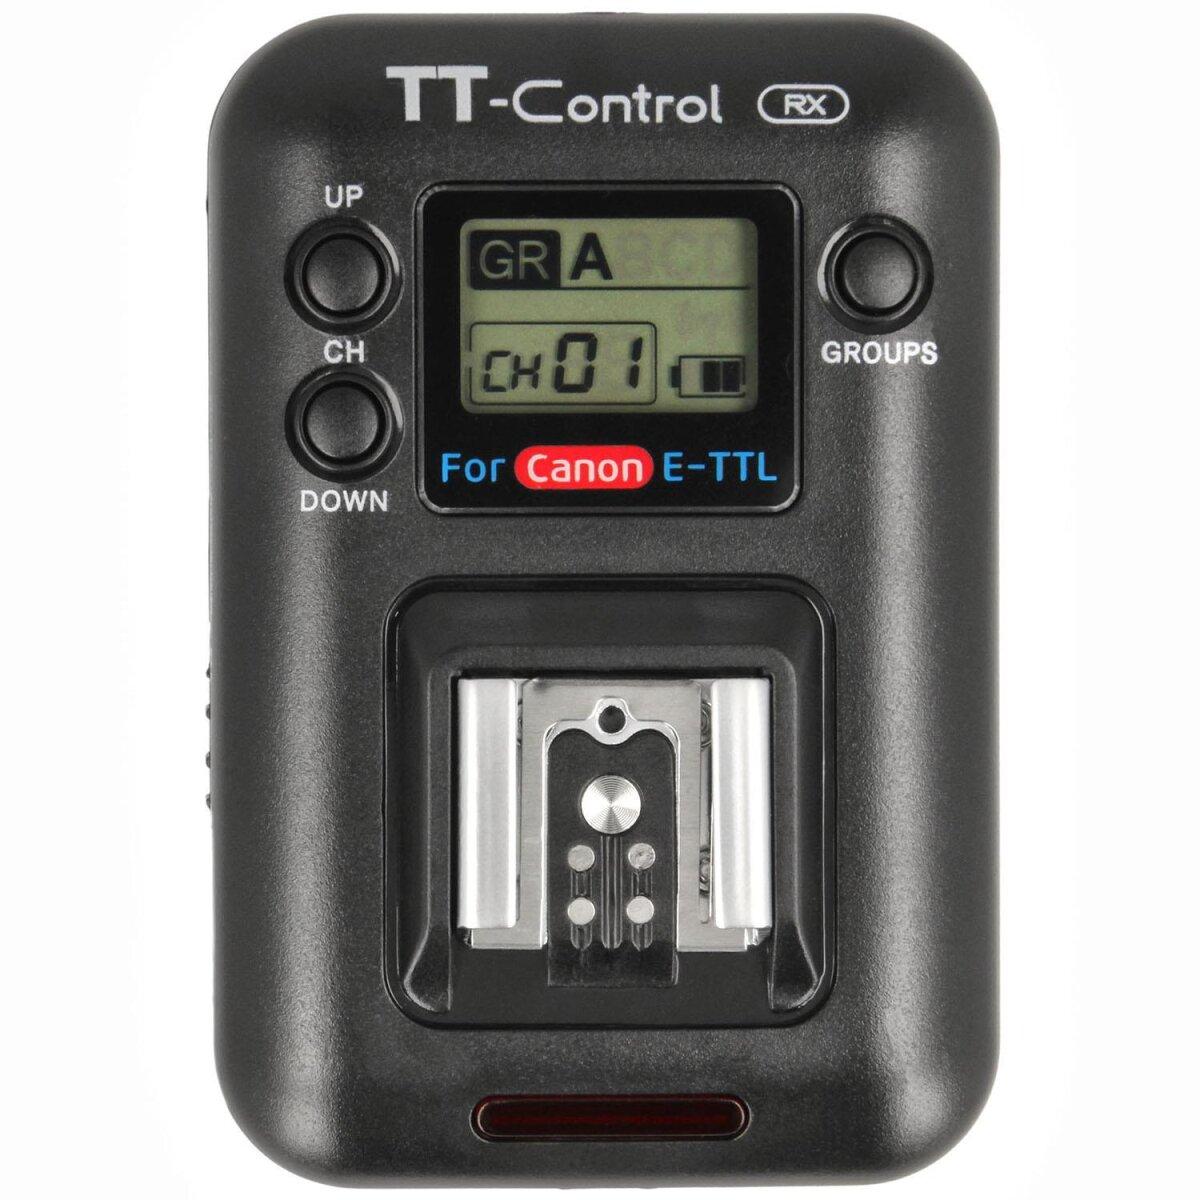 Impulsfoto SMDV Blitzauslöser-Empfänger, Zusatzempfänger für SMDV TT-Control Canon, Kabellos